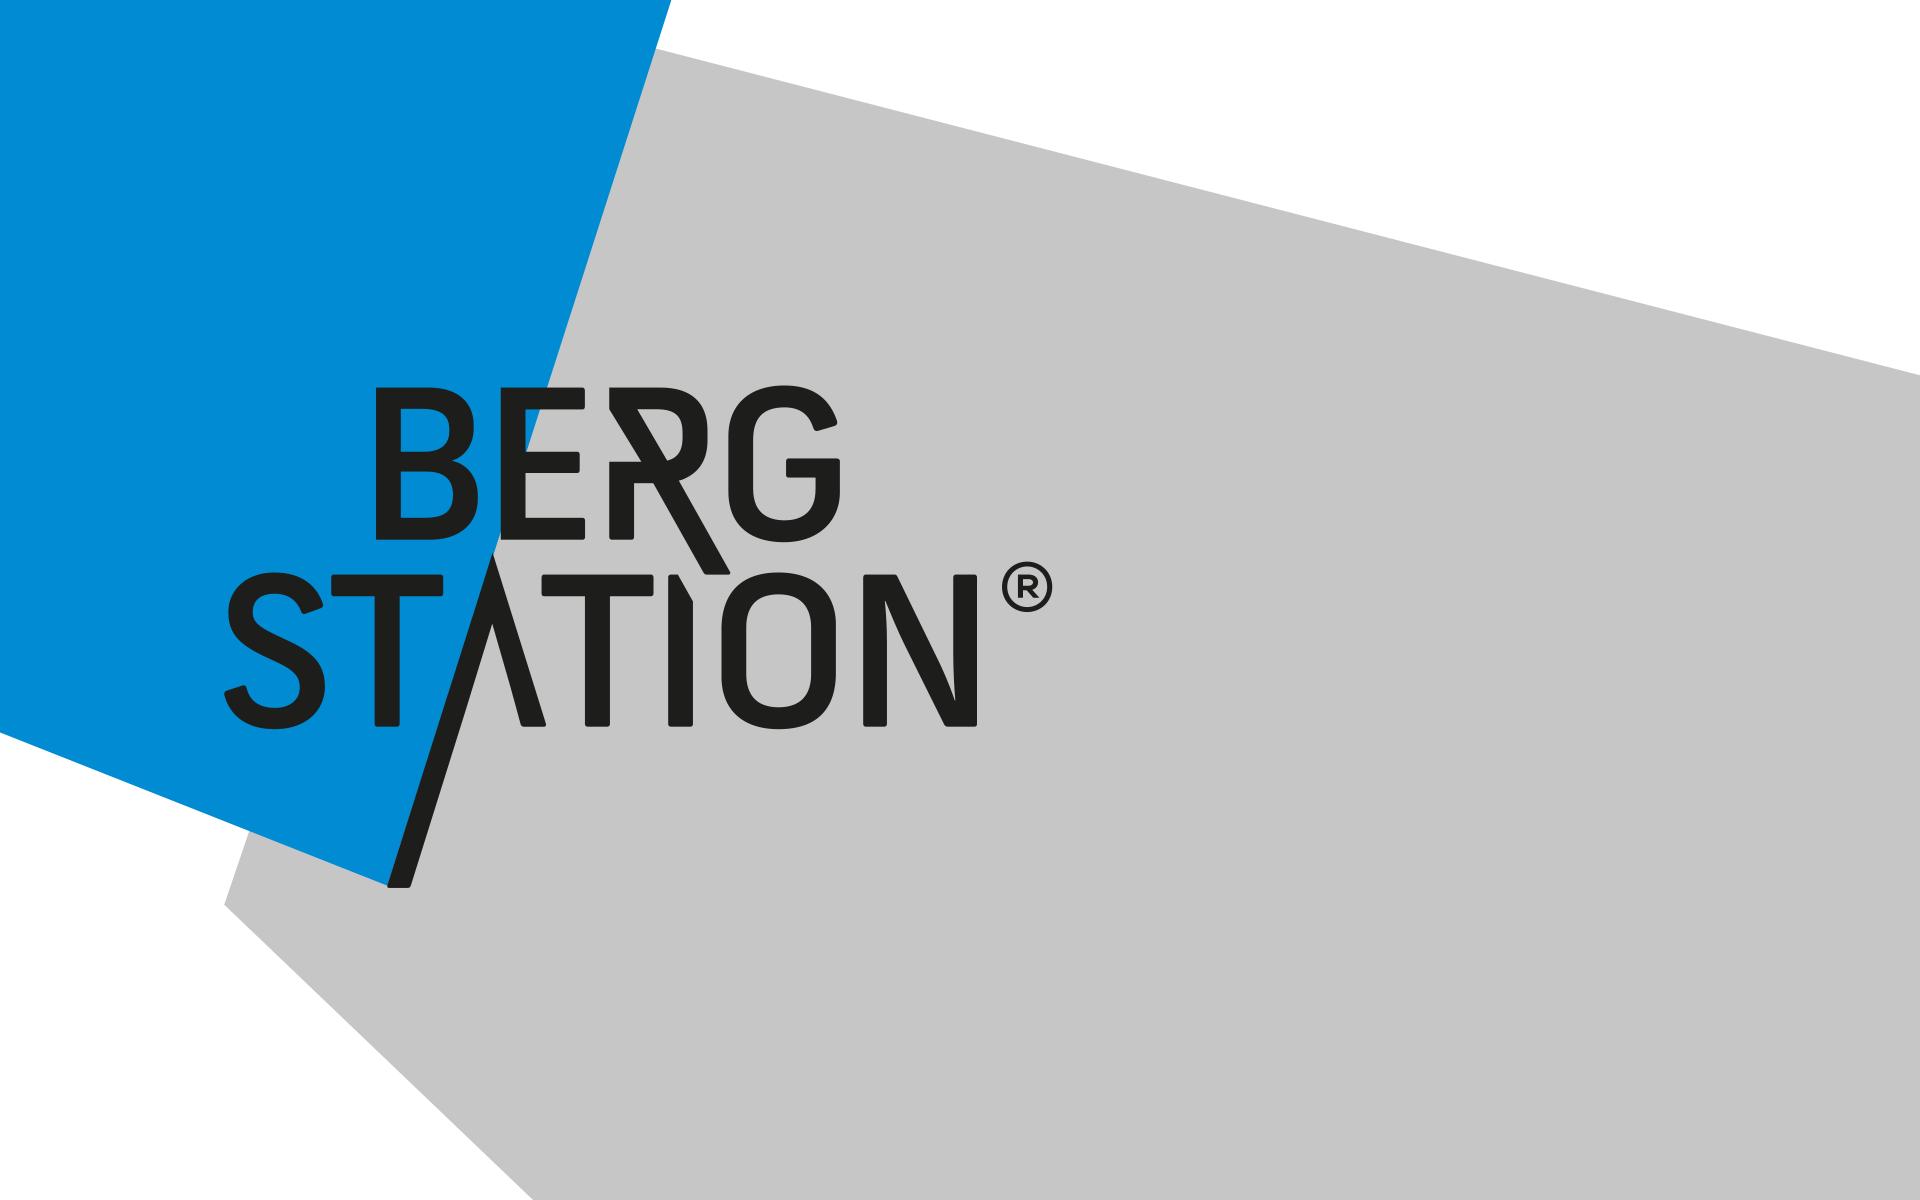 Bergstation Corporate Design, Logo und Formensprache